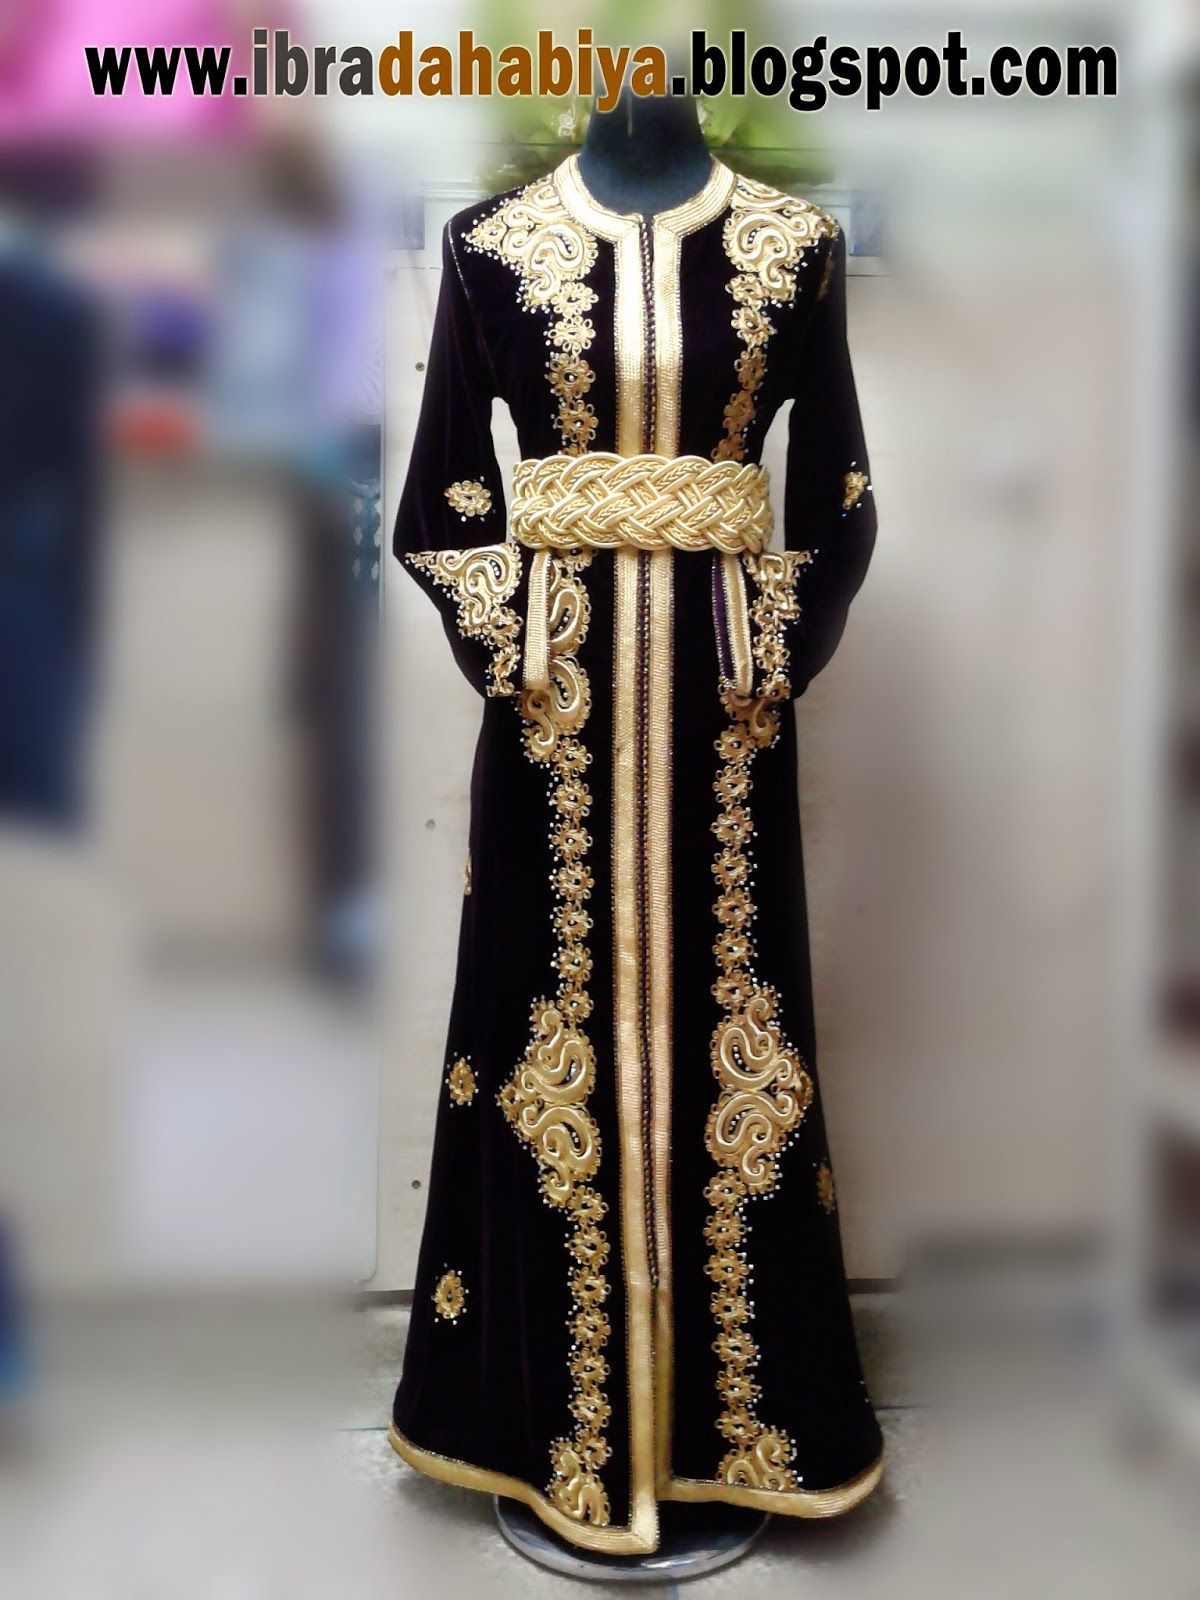 23 قفطان مغربي موديل جديد بالذهبي الفاخر Balochi Dress Moroccan Caftan Victorian Dress